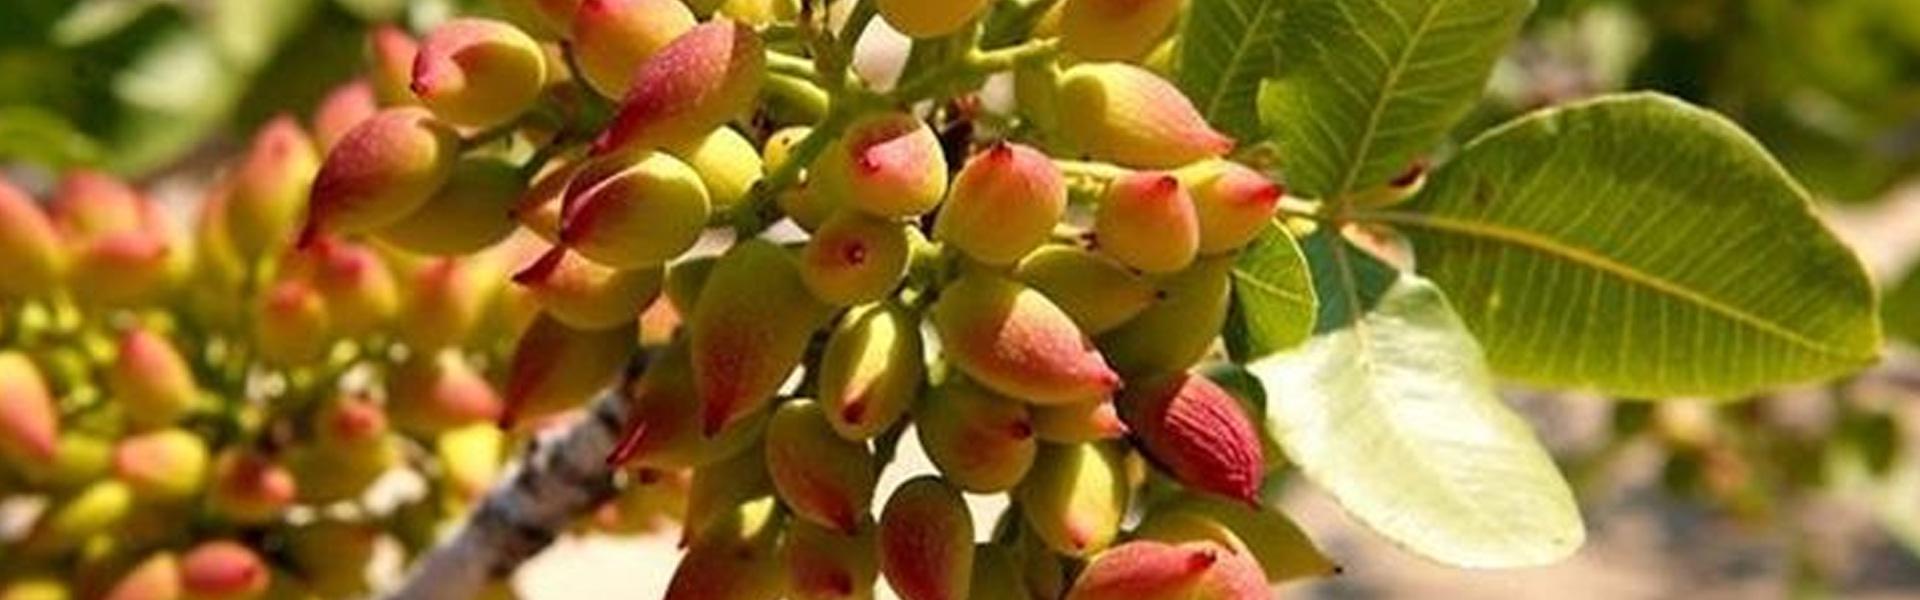 Semilavorati di pistacchio